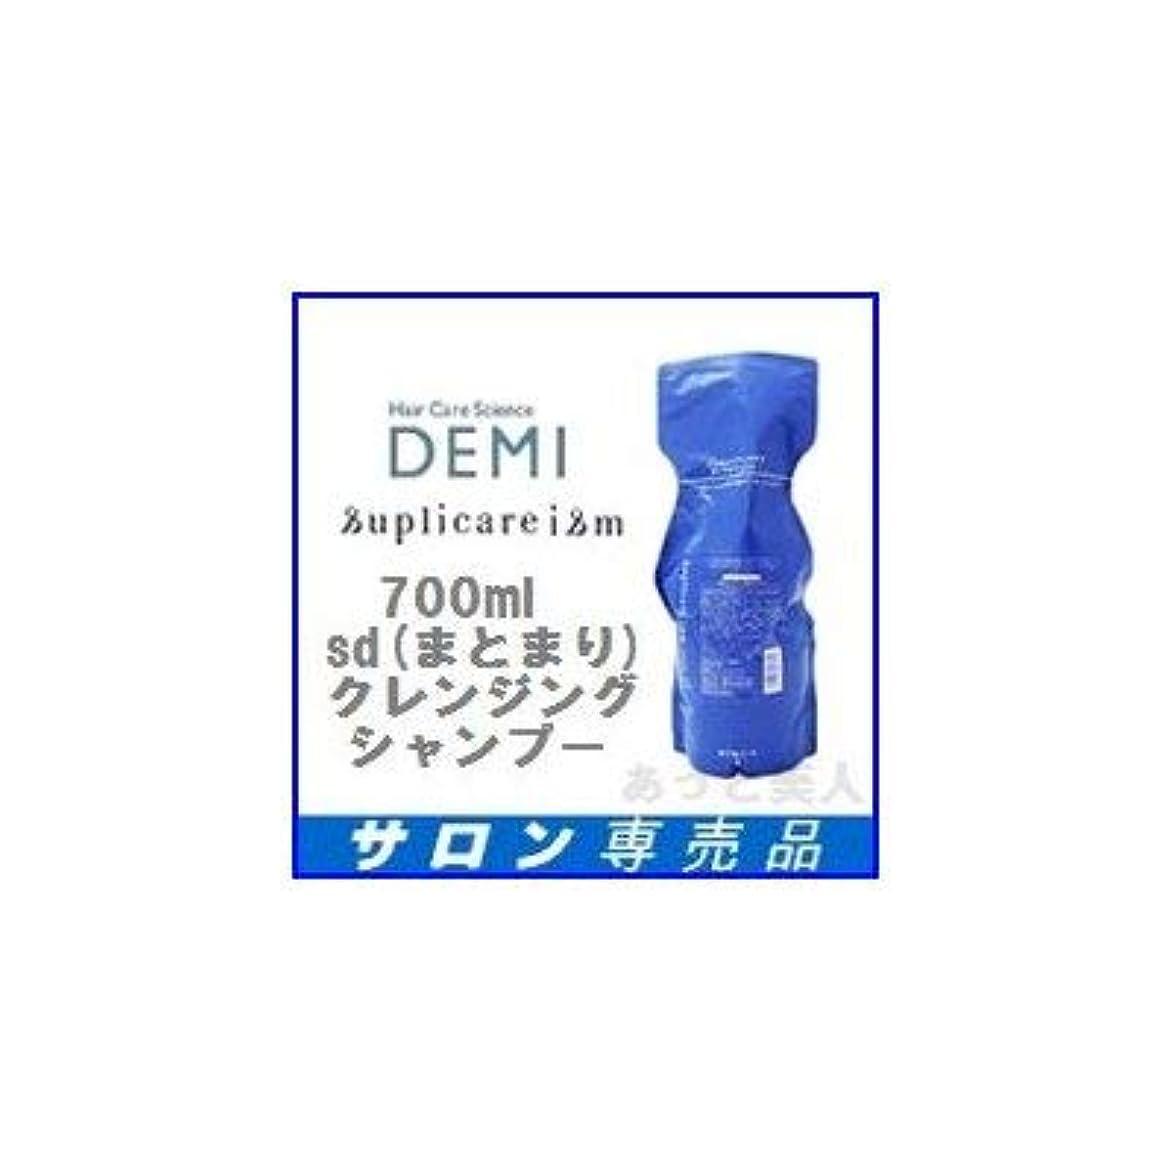 求める炎上鉄デミ サプリケアイズム クレンジング sd シャンプー 700ml (しっとり?まとまりタイプ)